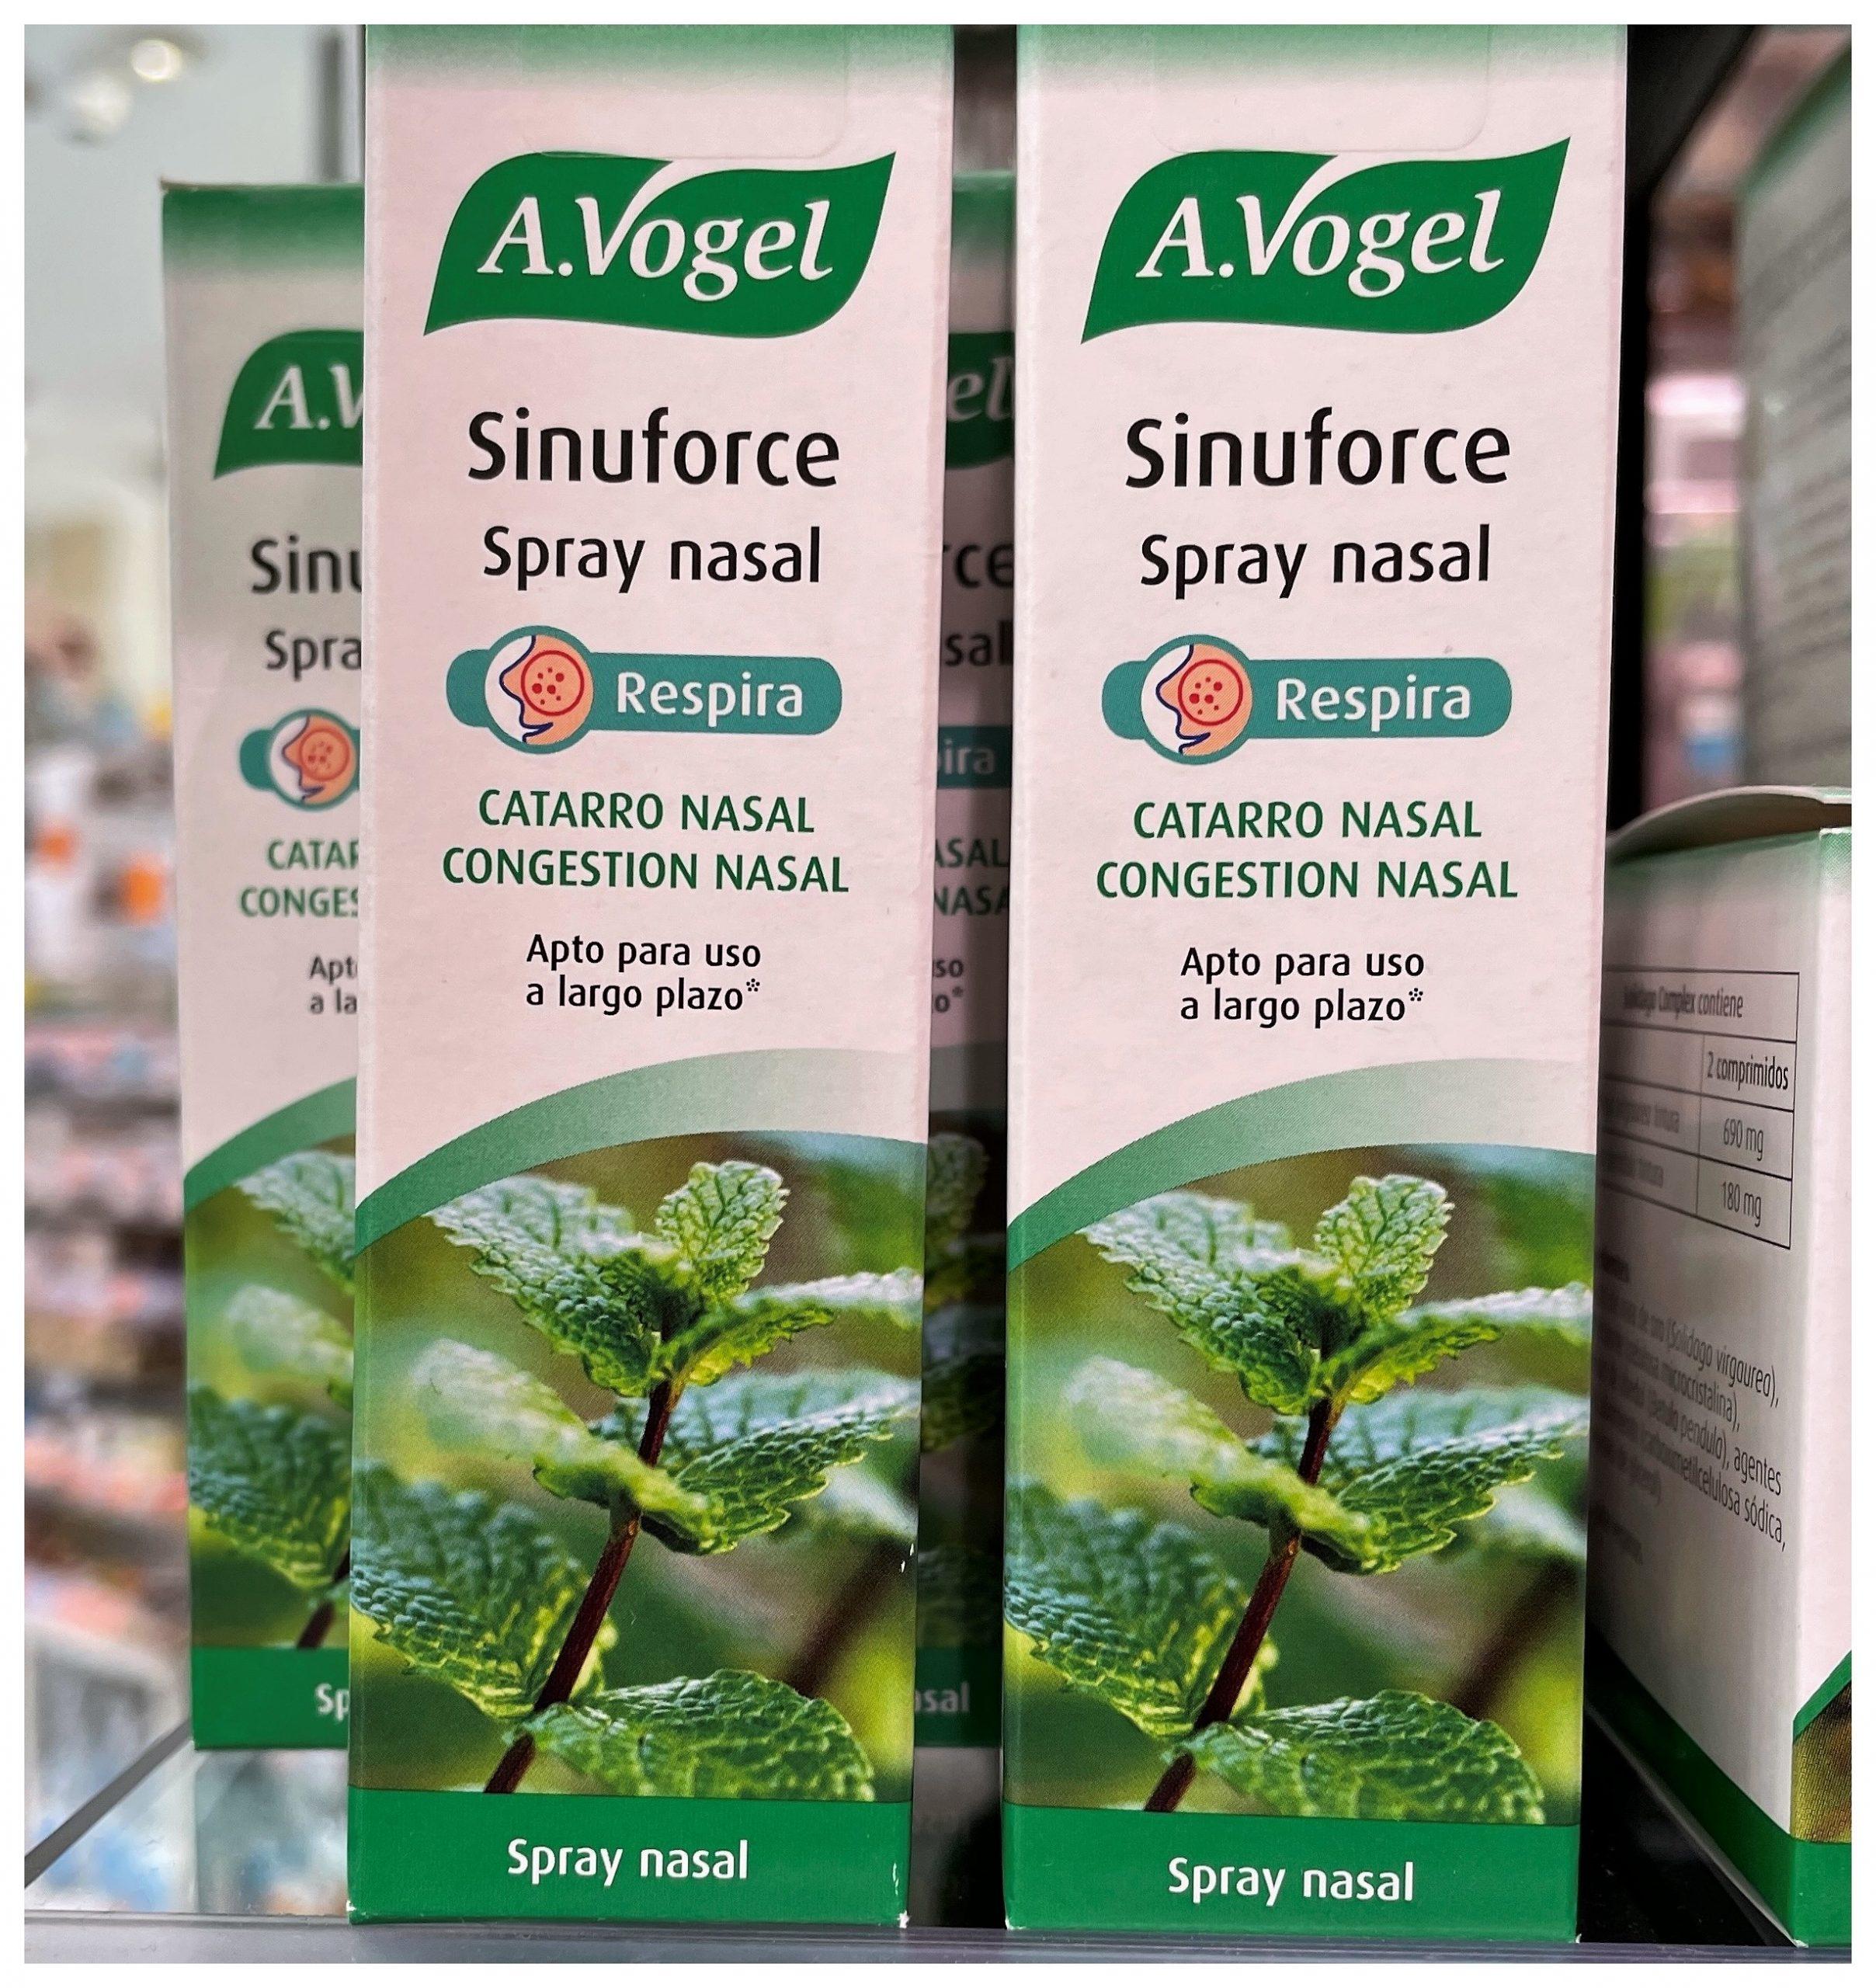 Sinuforce de A.Vogel fórmula efectiva para la congestión nasal